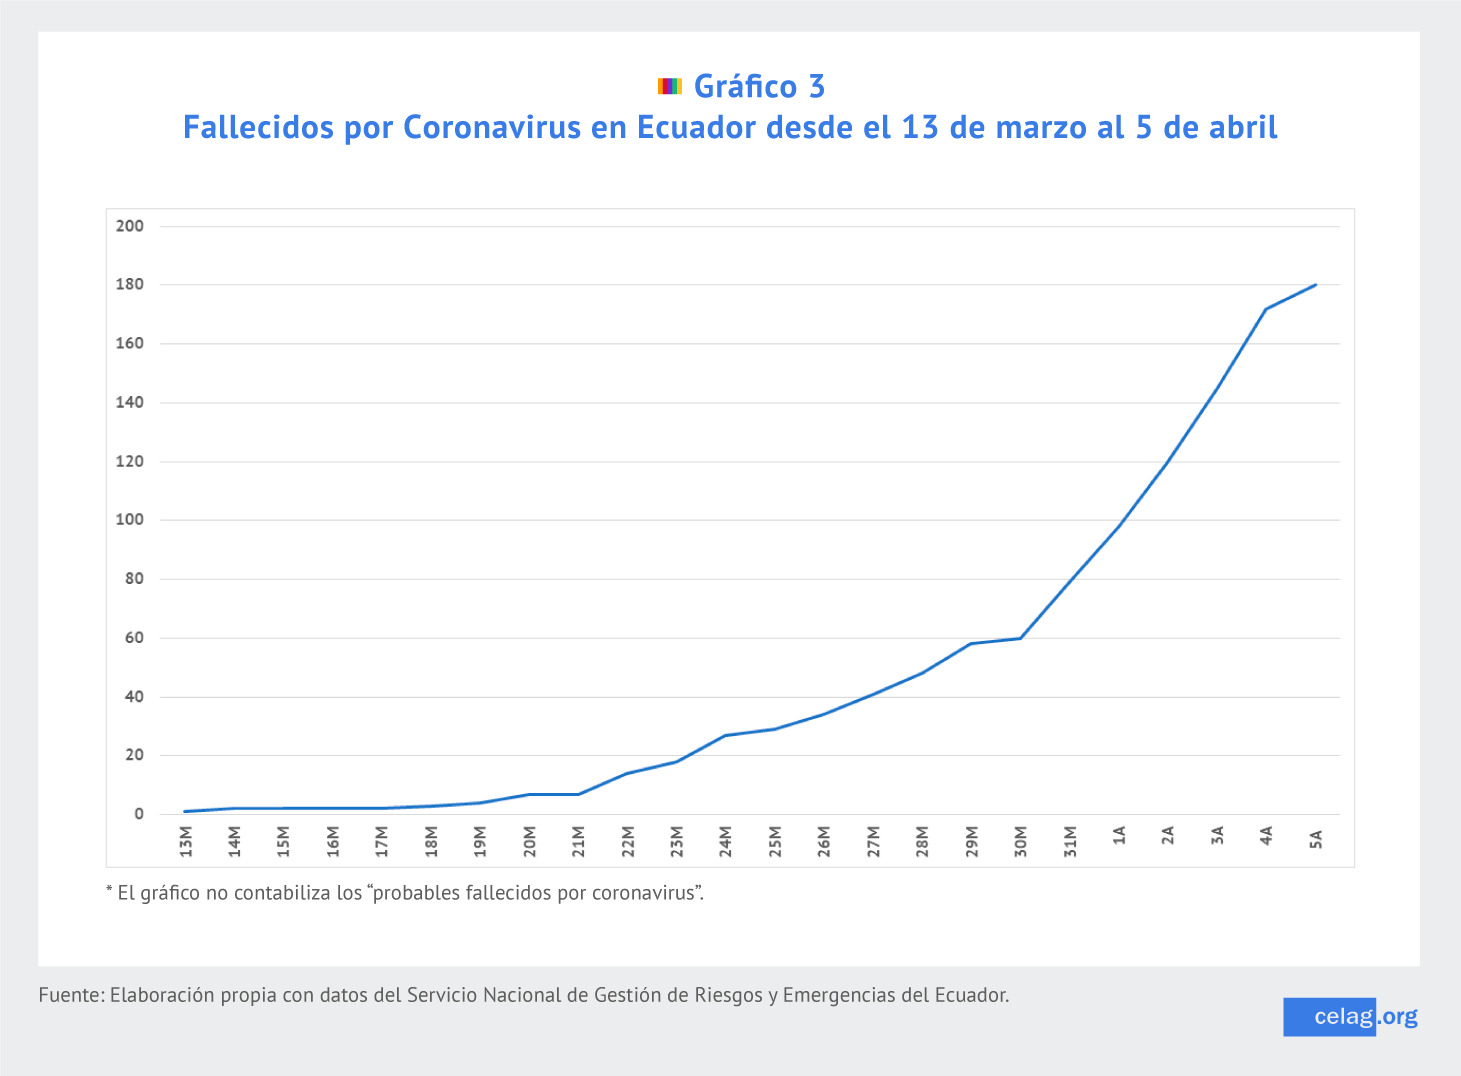 Fallecidos por coronavirus. Ecuador.